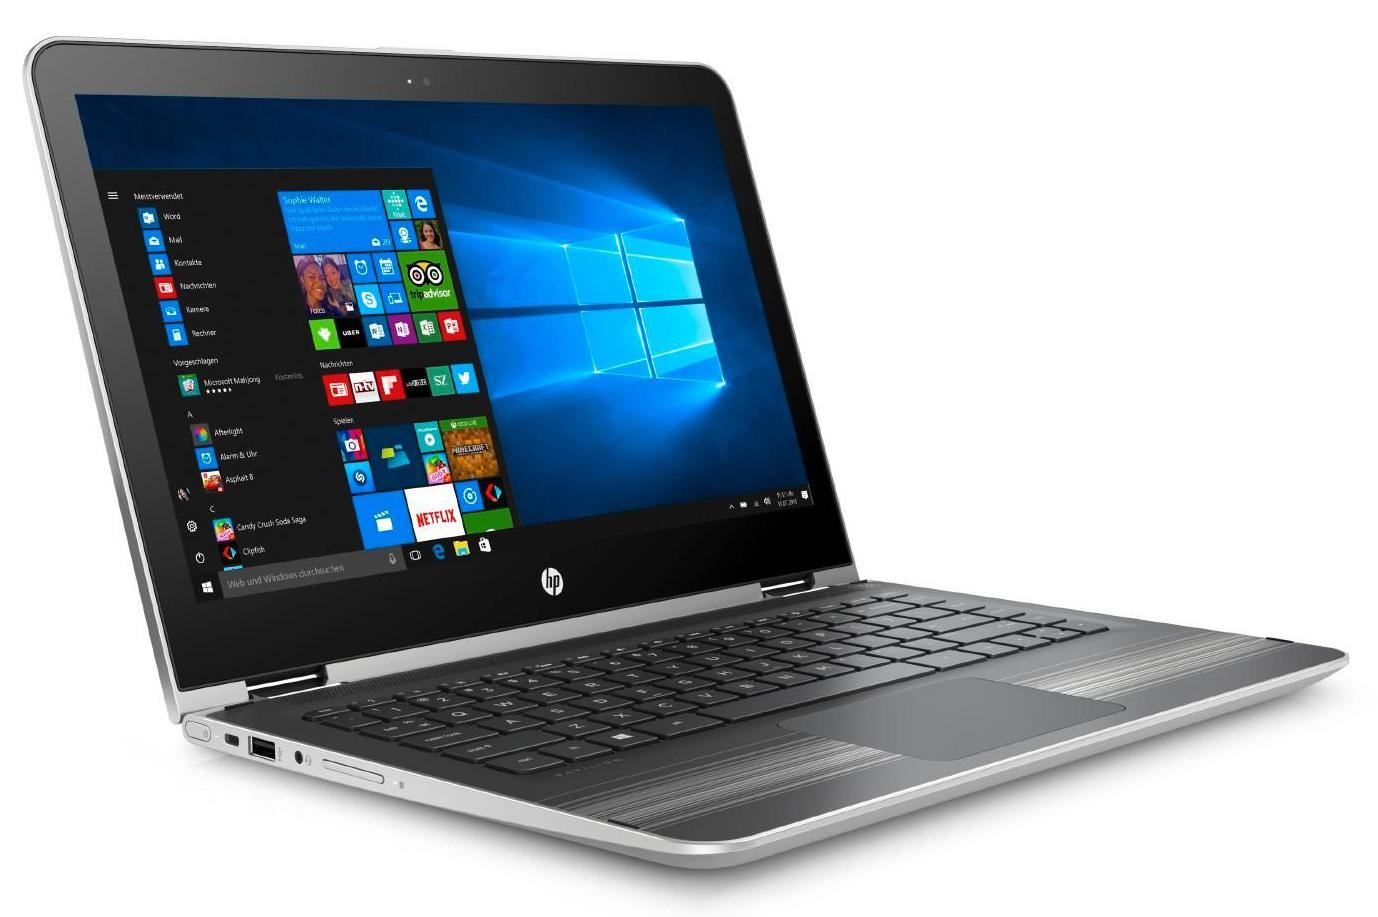 HP Pavilion X360 13 U102ng Convertible Review